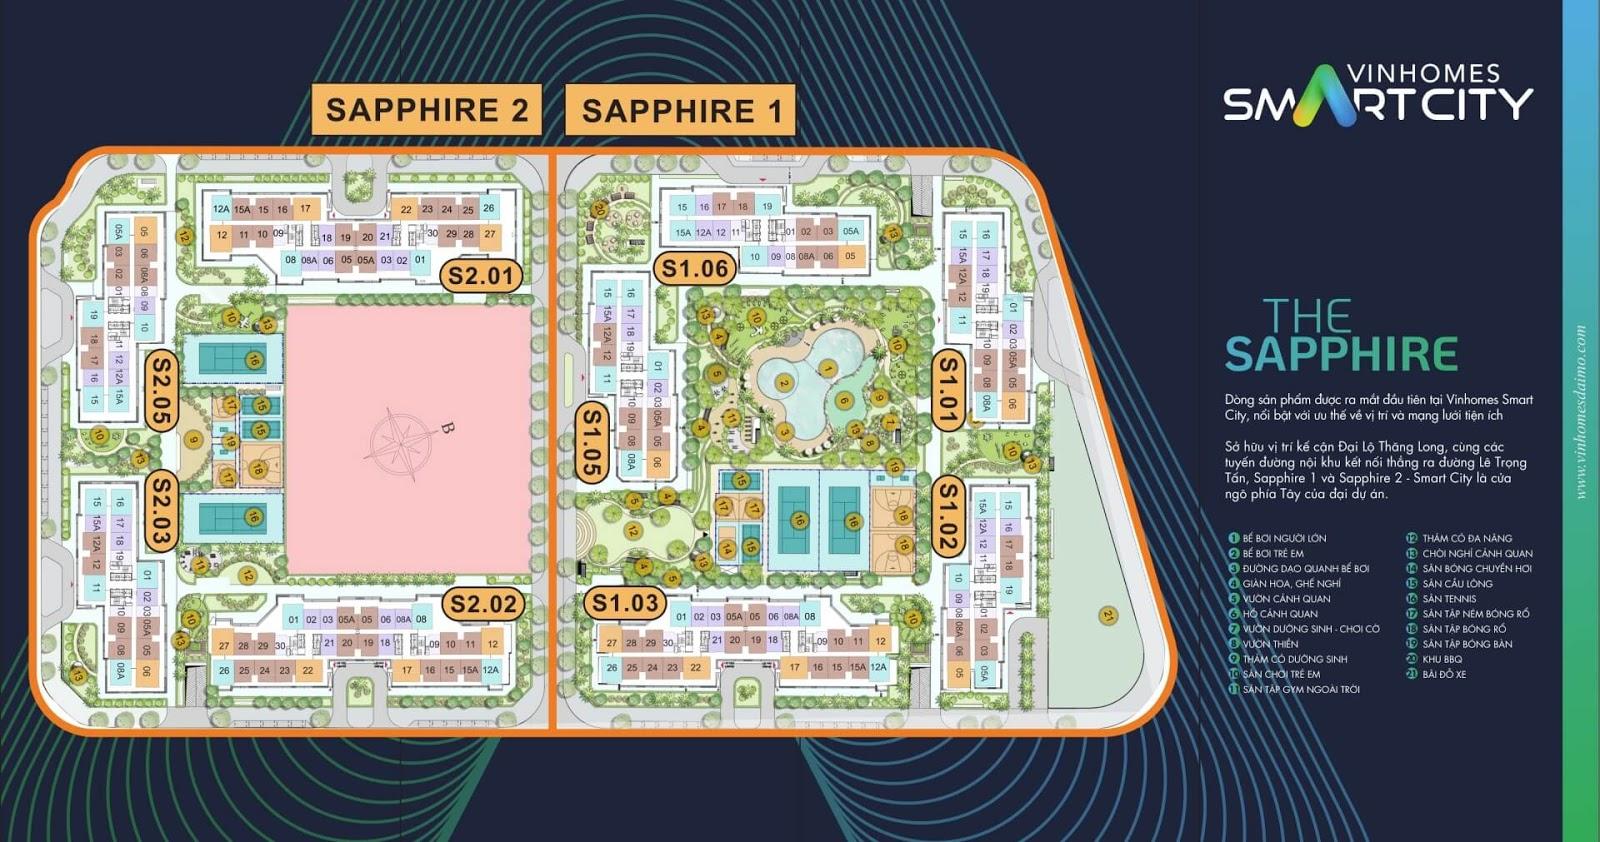 Mặt bằng phân khu The Sapphire Vinhomes Smart City